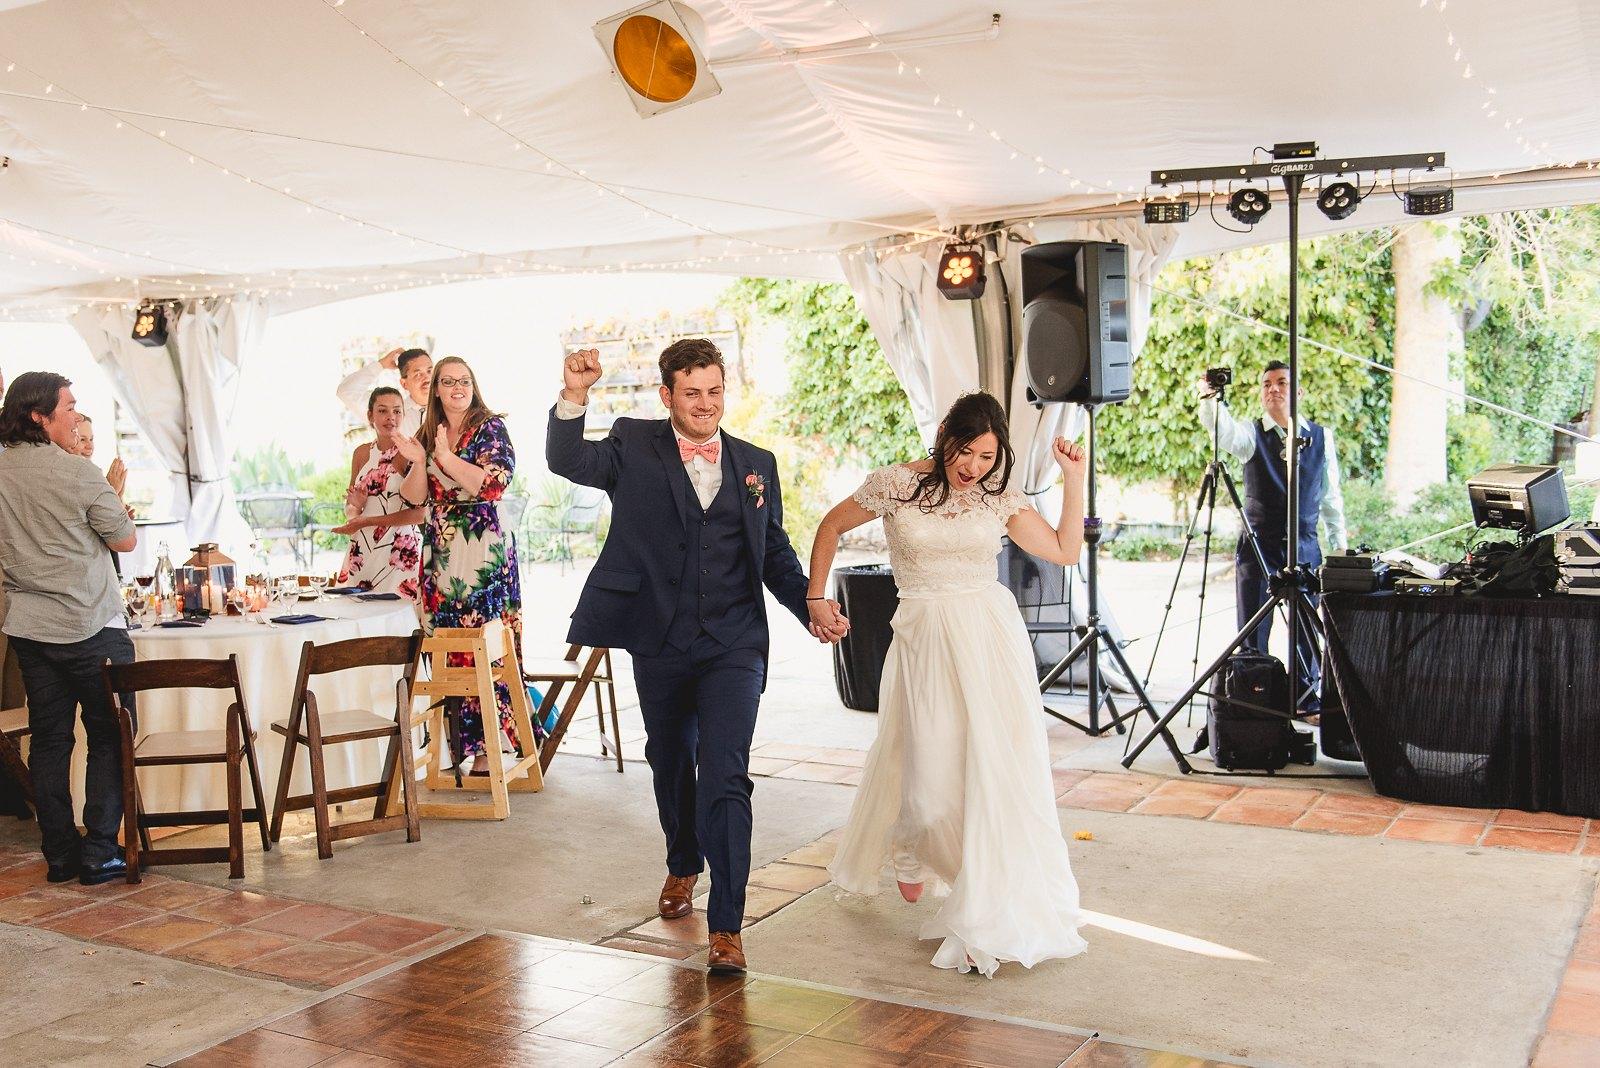 orfila-winery-wedding-photos-t-n-77.jpg